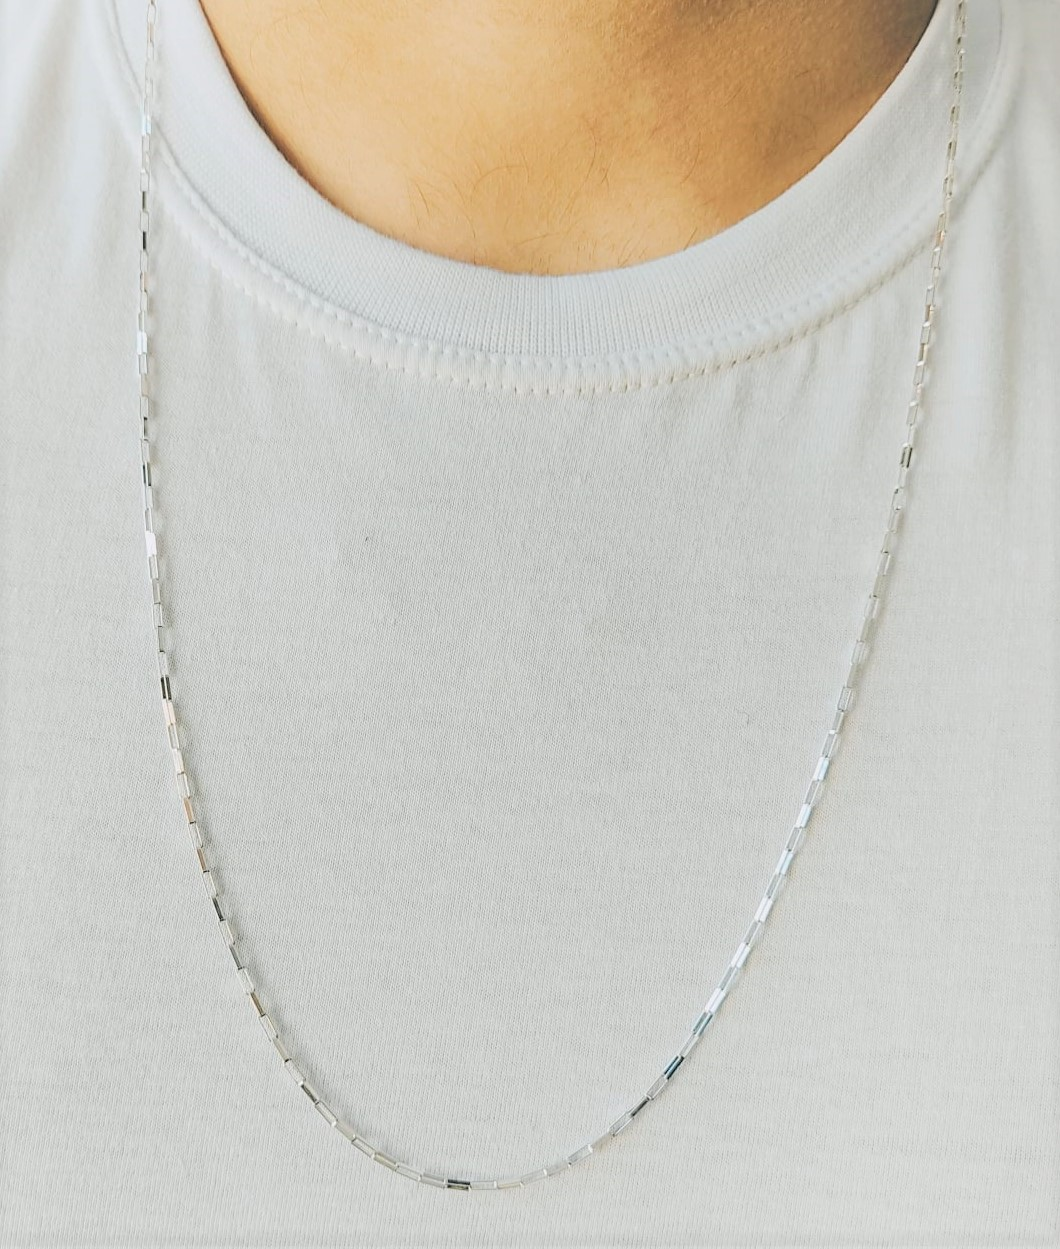 Cordão Corrente Masculino Cadeado 80cm Prata 925